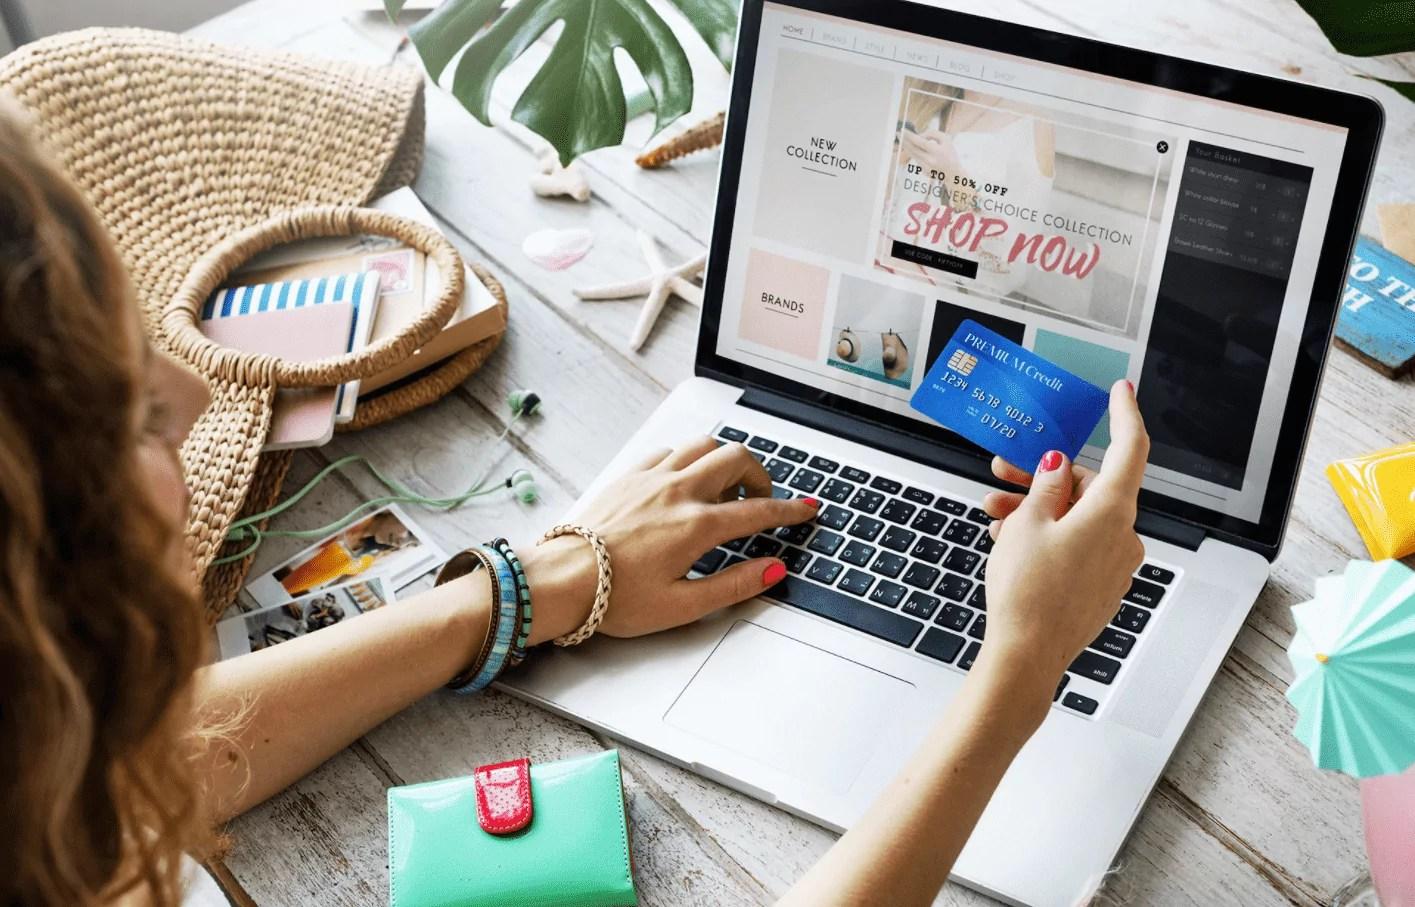 Foto mostra mulher em frente a um computador com cartão na mão